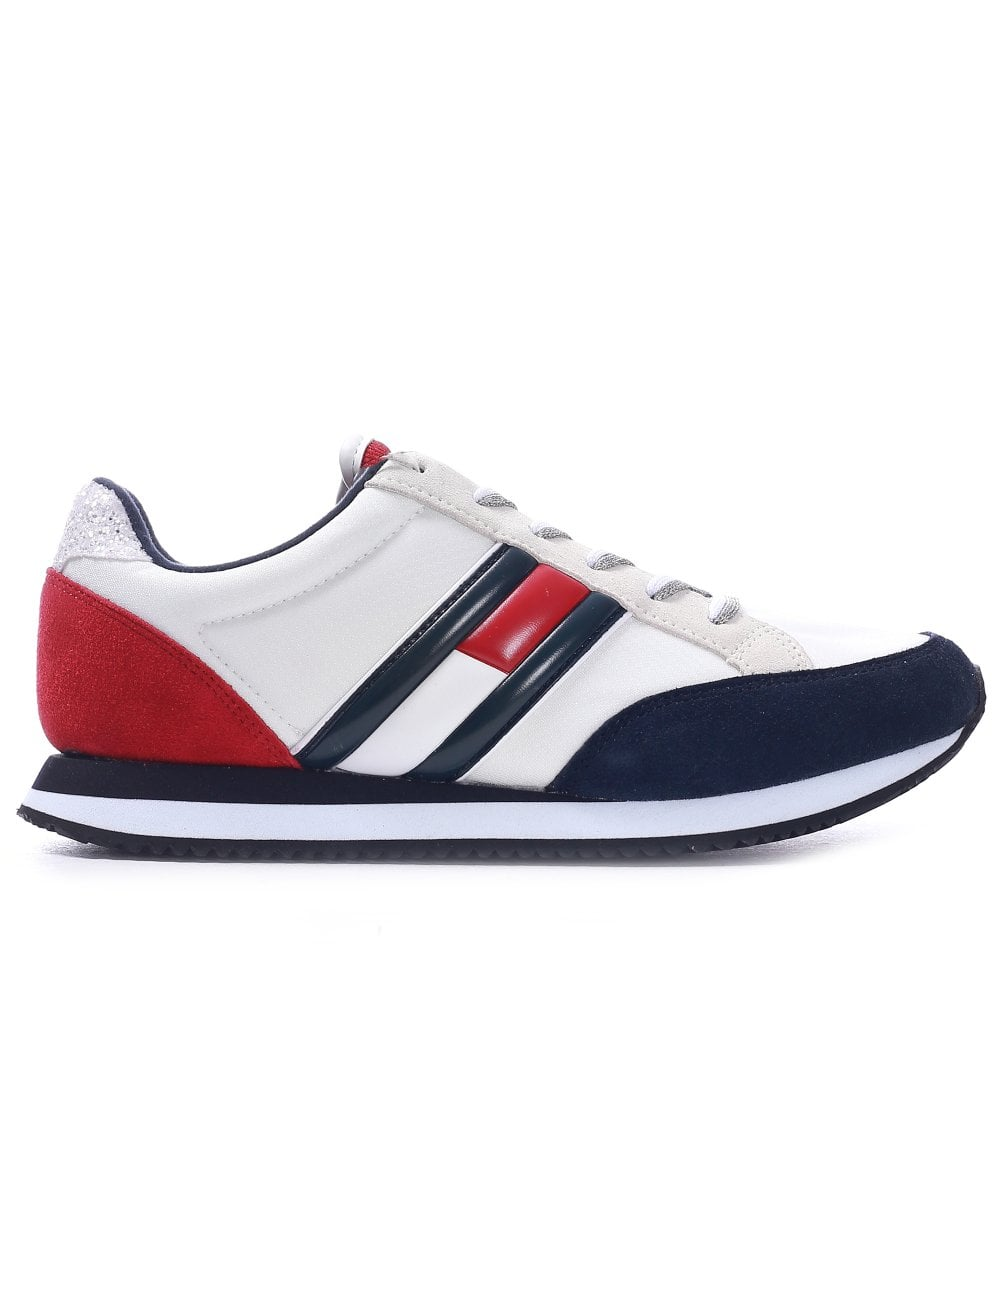 on sale bb6a7 15a0e Women's Casual Retro Sneaker